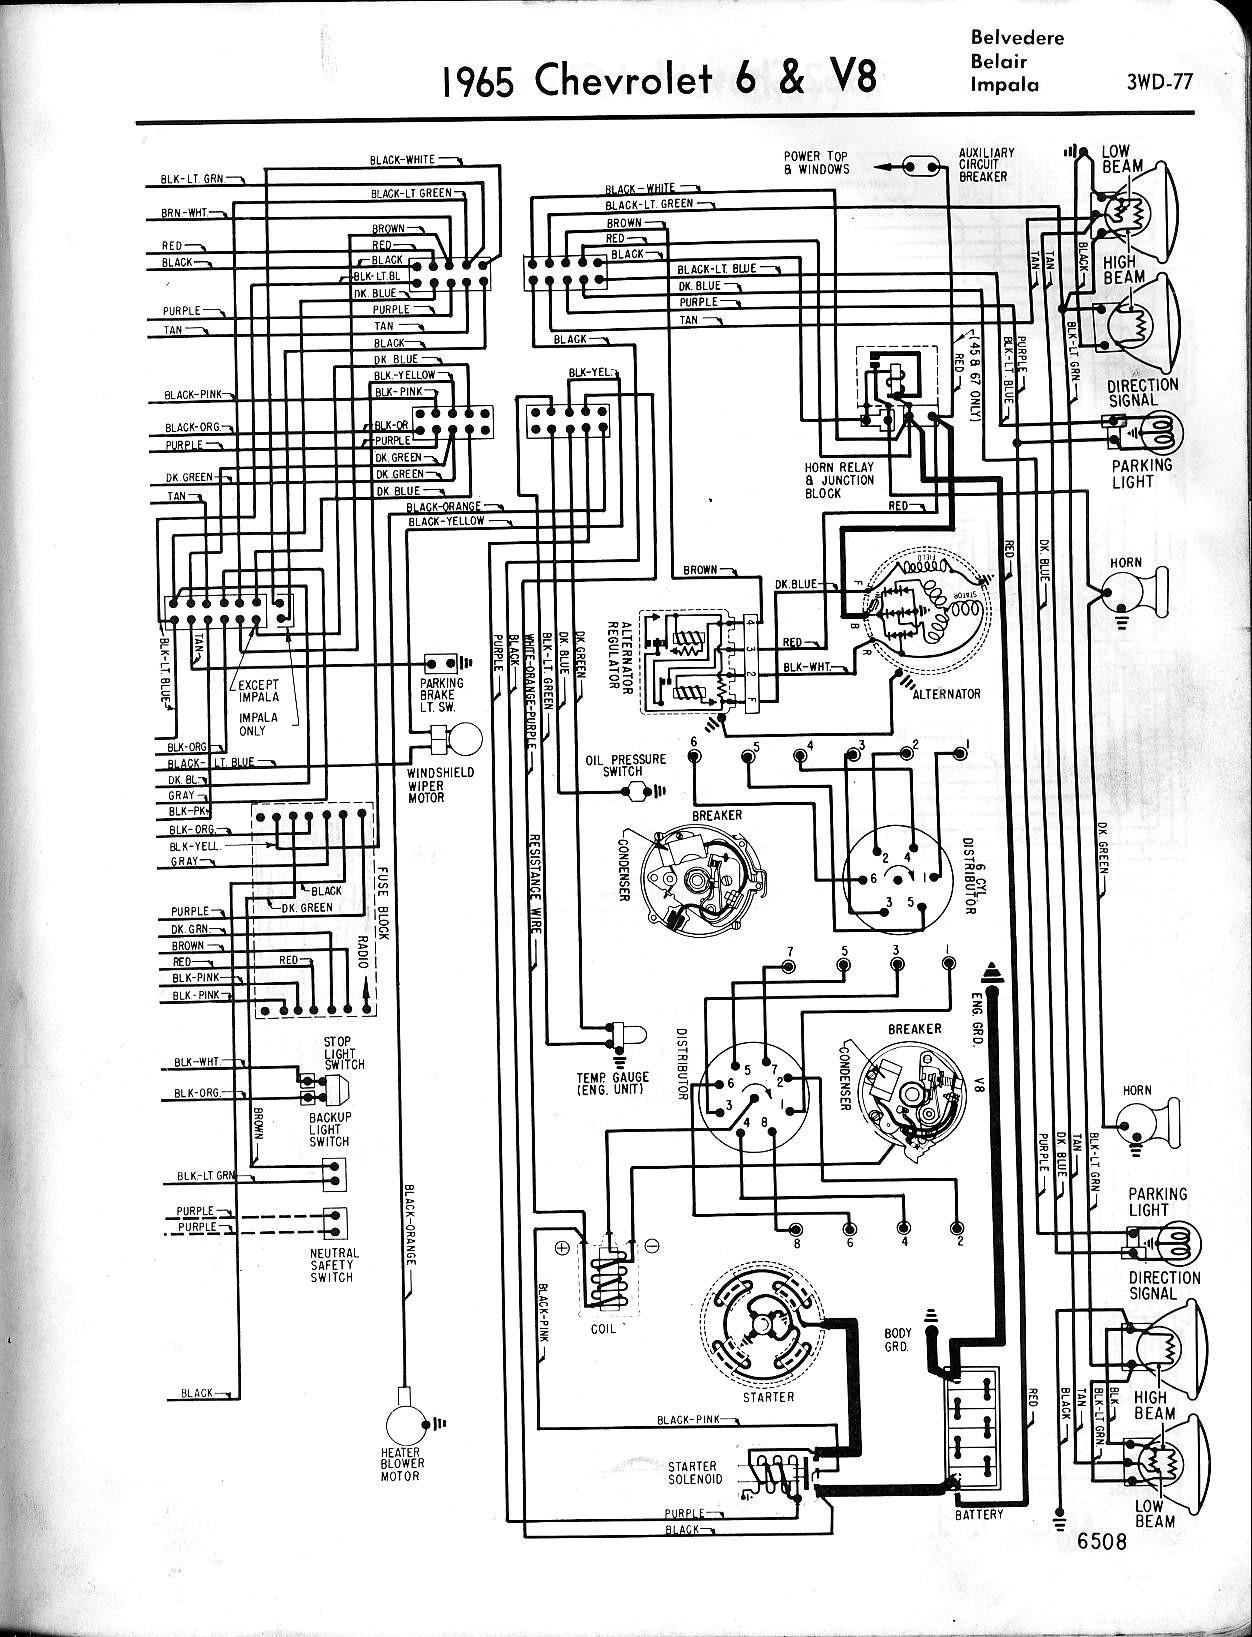 kk_1996] 1966 chevelle horn relay wiring likewise 1987 ford f 150 ...  bupi rious flui hroni hapolo mohammedshrine librar wiring 101